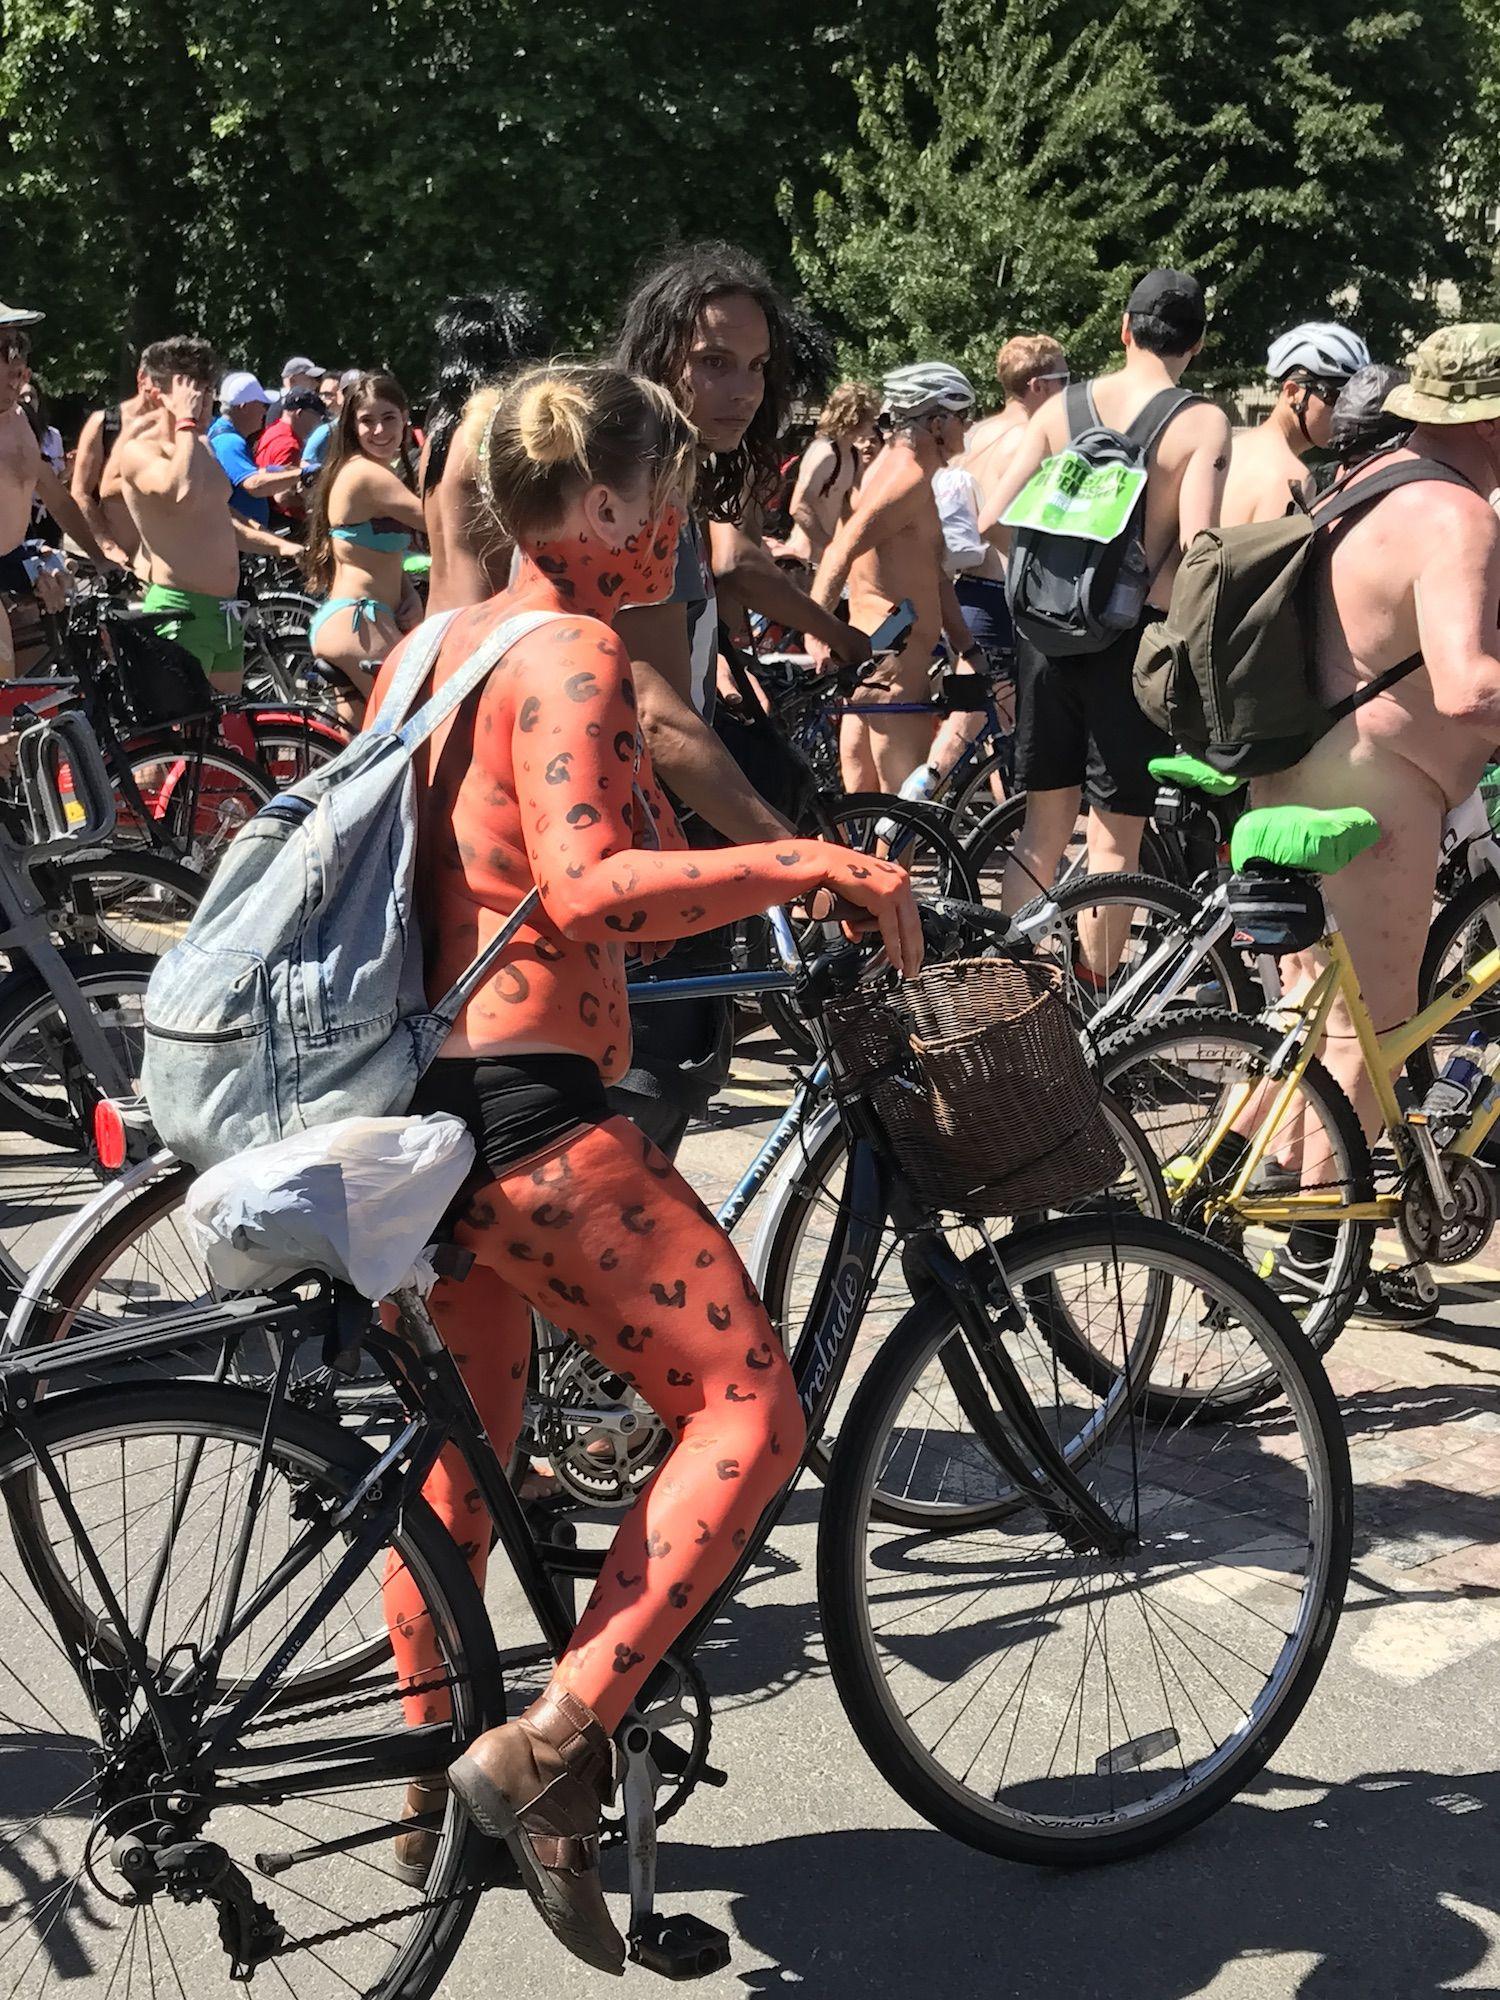 hot milf naked women pics